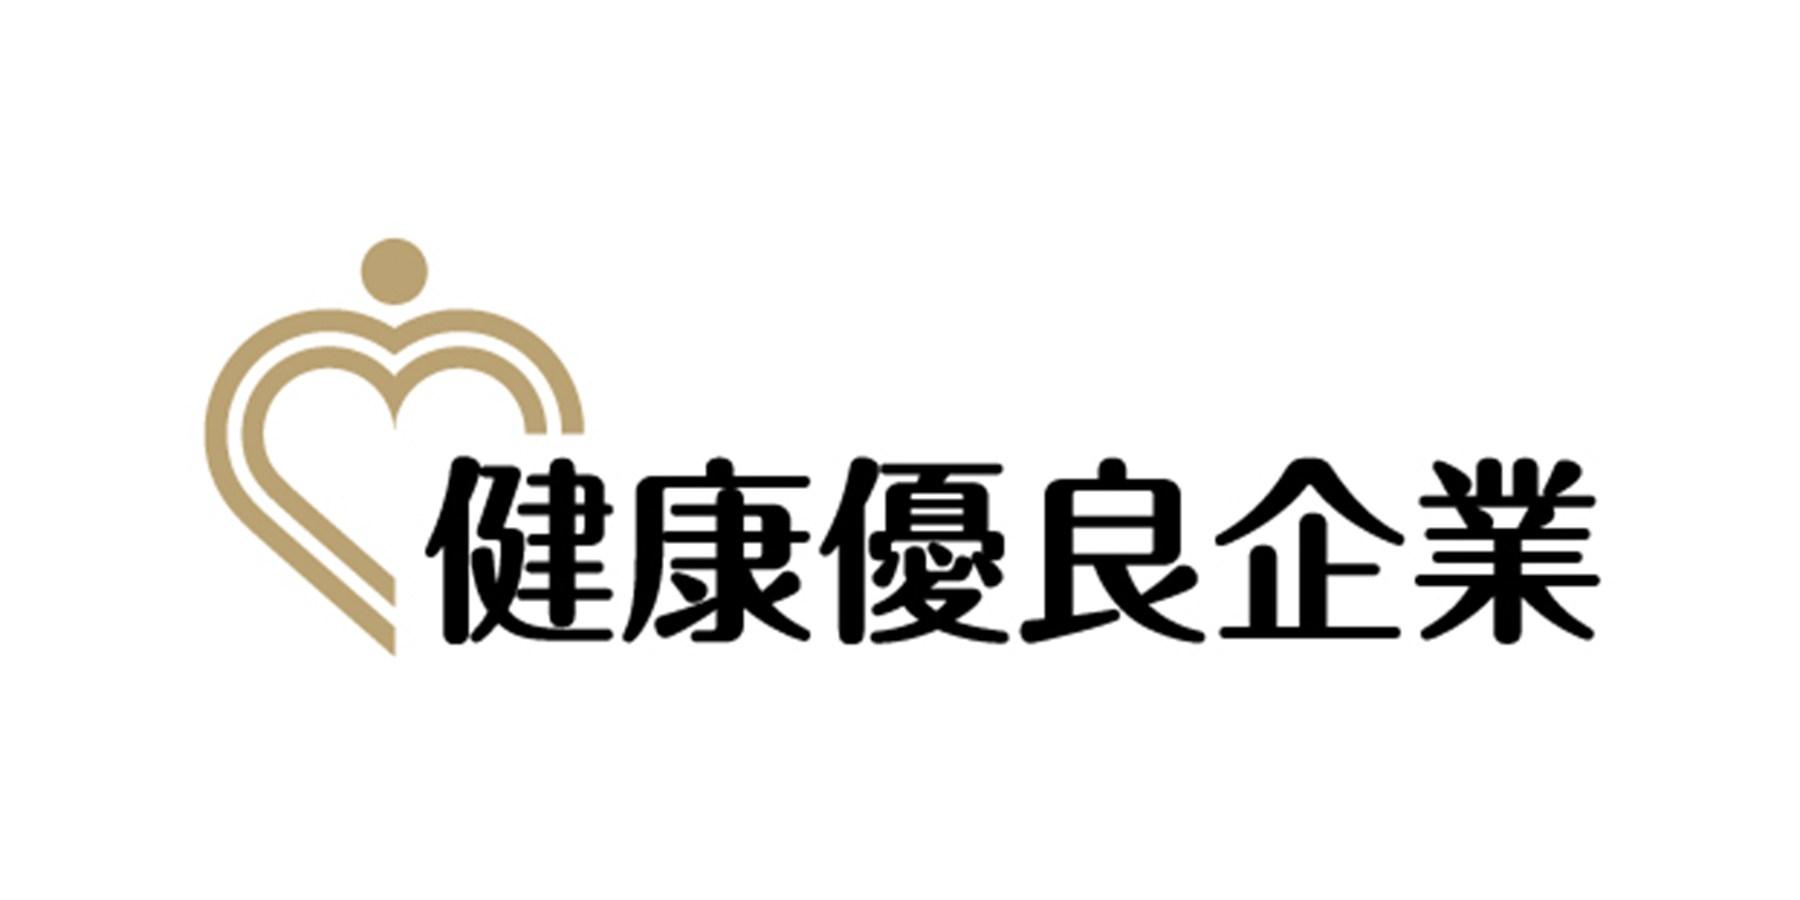 健康優良企業のロゴ